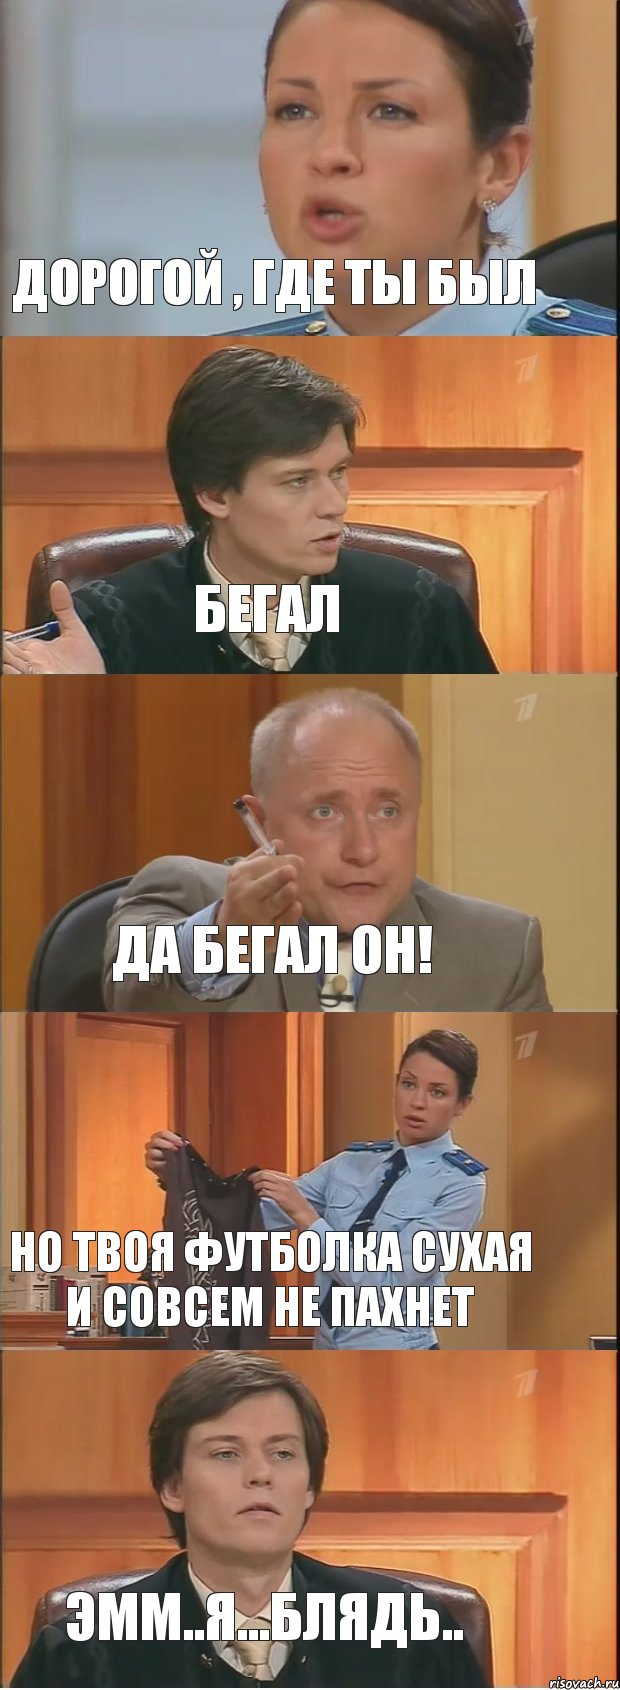 kakaya-zhe-ya-blyad